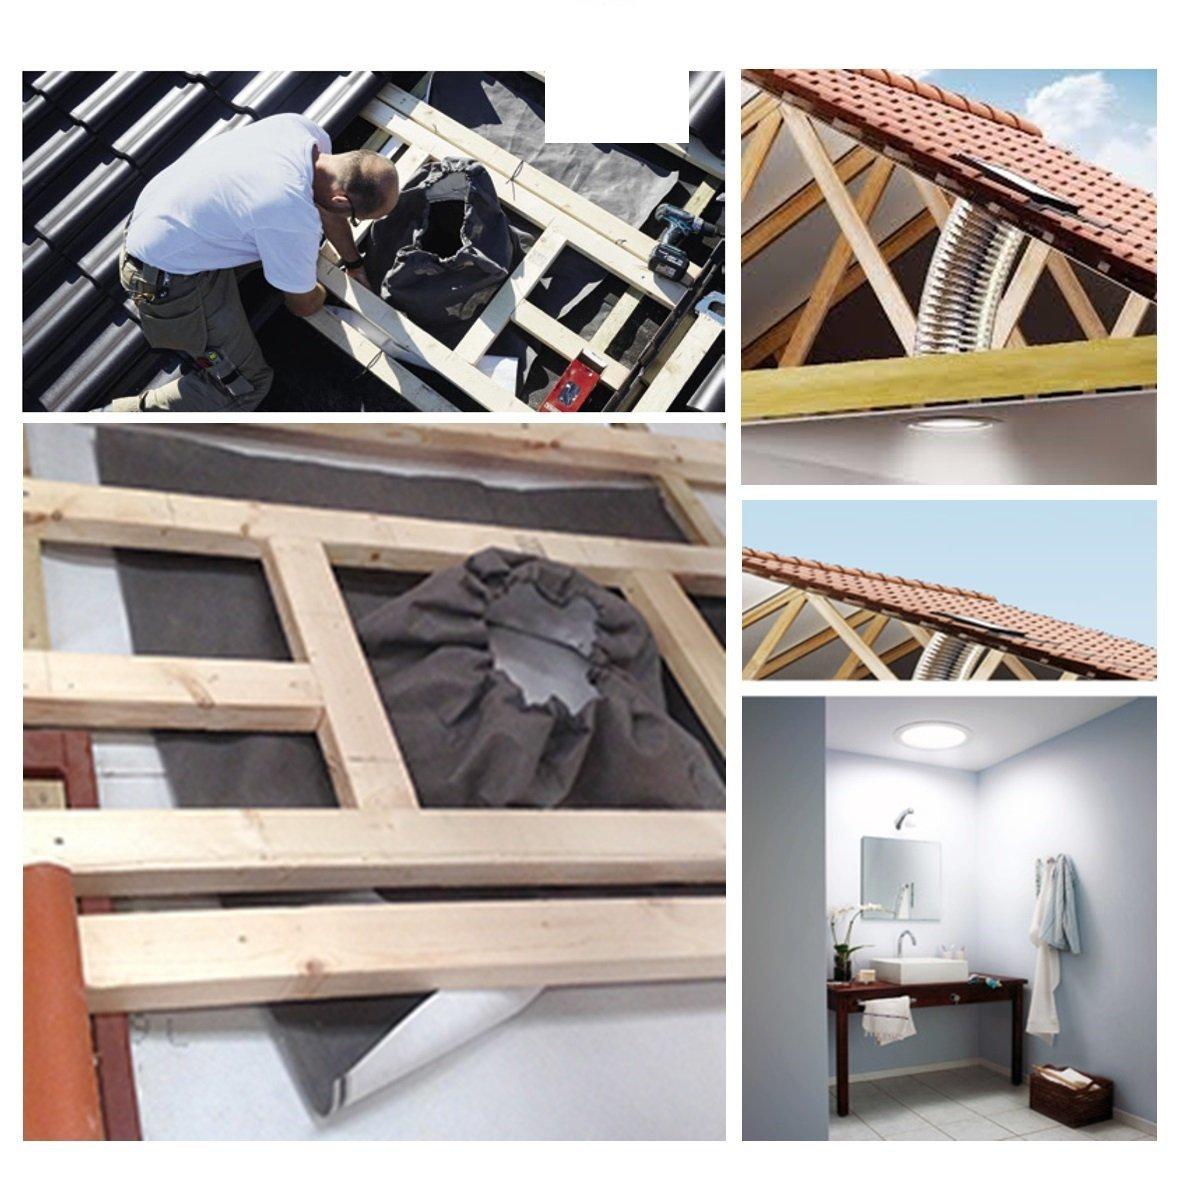 velux anschlusssch rze bfx 0k10 0k14 1000 f r velux tageslicht spot velux zubeh r f r. Black Bedroom Furniture Sets. Home Design Ideas